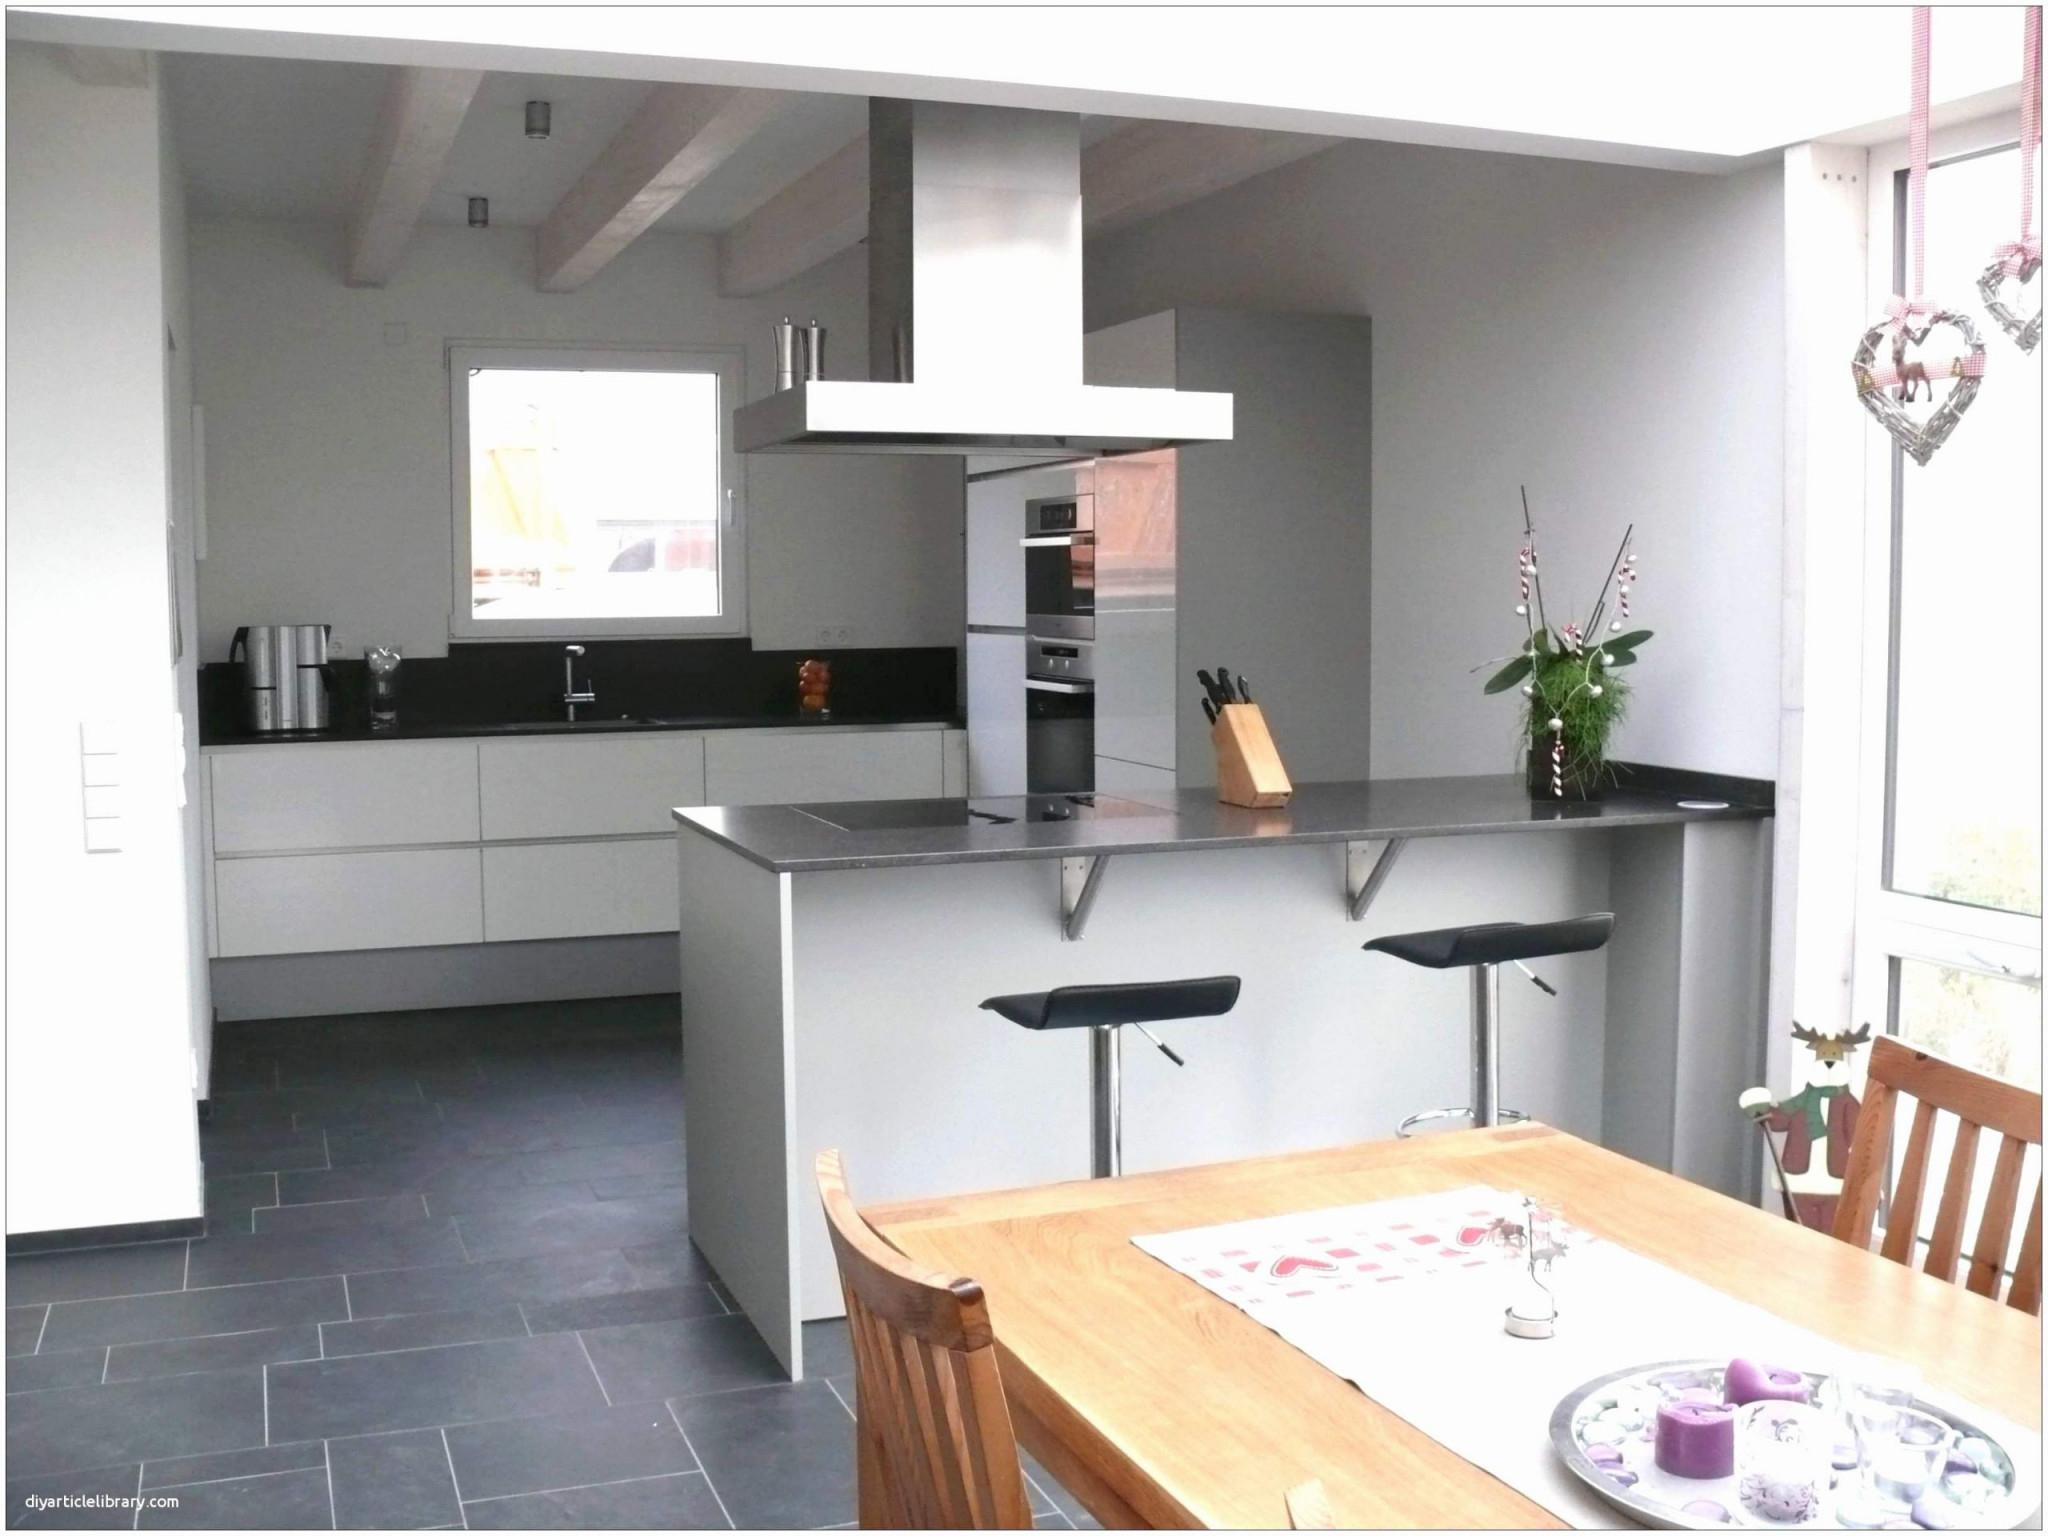 33 Frisch Küche Und Wohnzimmer In Einem Kleinen Raum Elegant von Kleines Wohnzimmer Mit Küche Einrichten Photo